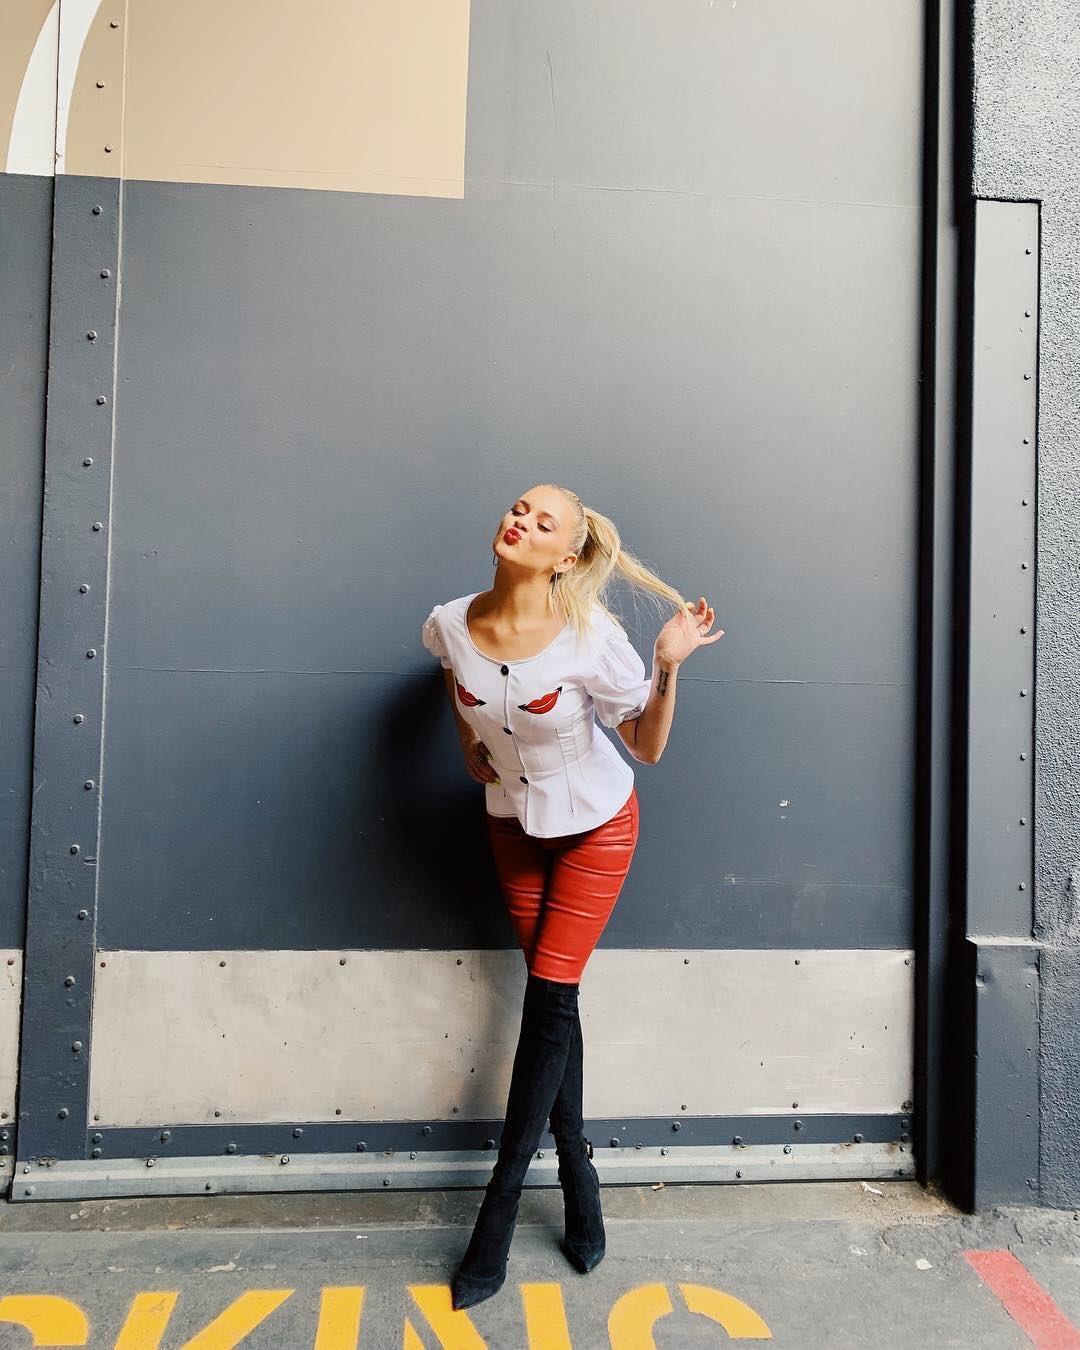 kelsea ballerini @ KelseaBallerini